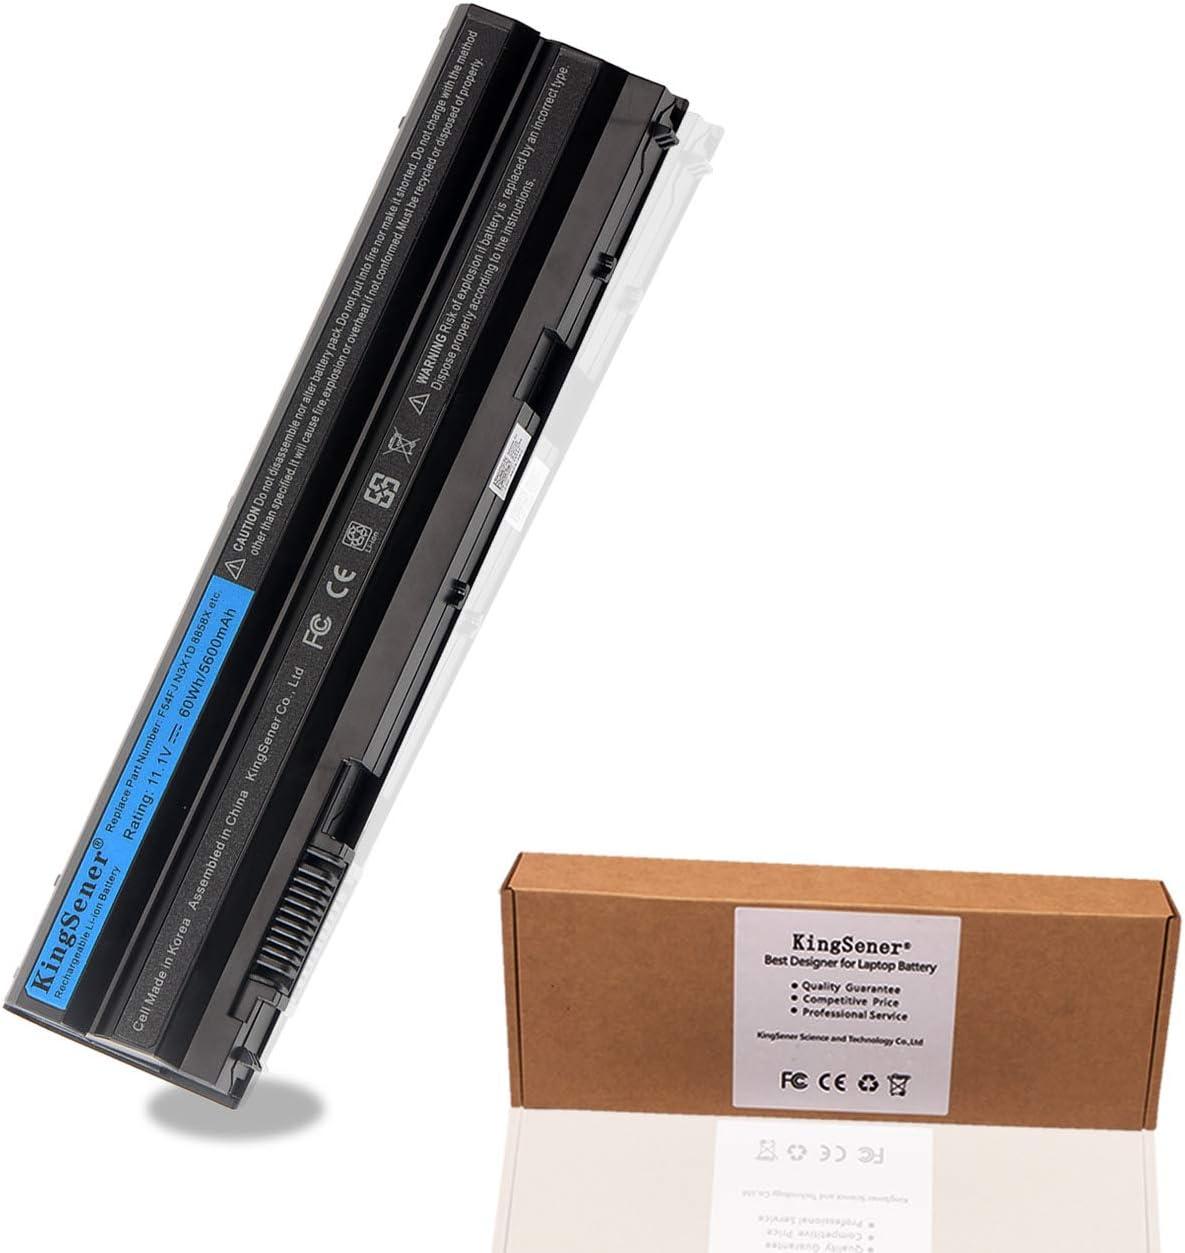 KingSener T54FJ Laptop Battery for Dell Latitude E6420 E6430 E6520 E6530 E5420 E5430 E5520 E5530 N3X1D 11.1V 60WH